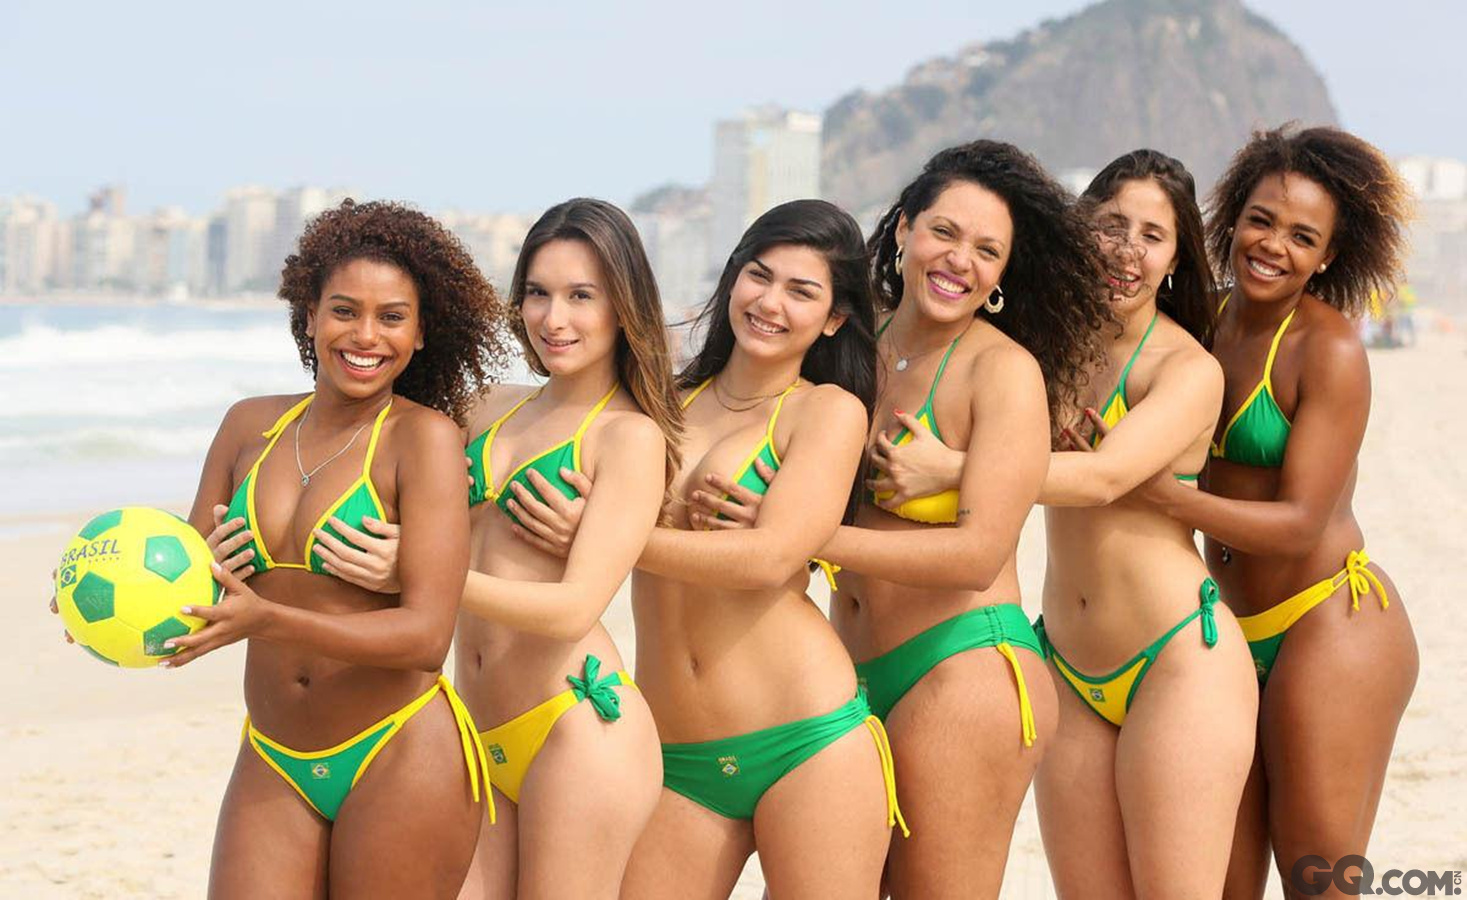 多血统的巴西姑娘,对外来民族和游客没有心理隔阂,即便是陌生人,她们也会热情相迎。无论是与她们拍照还是赞美她们的美丽,她们都会友善的对待,并非常有礼貌的向你表示感谢。巴西姑娘的好身材,与她们热爱舞蹈也有一定的关系。巴西着名的桑巴舞节奏极快,跳的时候,腰部以下如波浪般起伏摆动,足尖快速移动, 需要有很好的腰肢力量及腰际与臀部的协调配合。